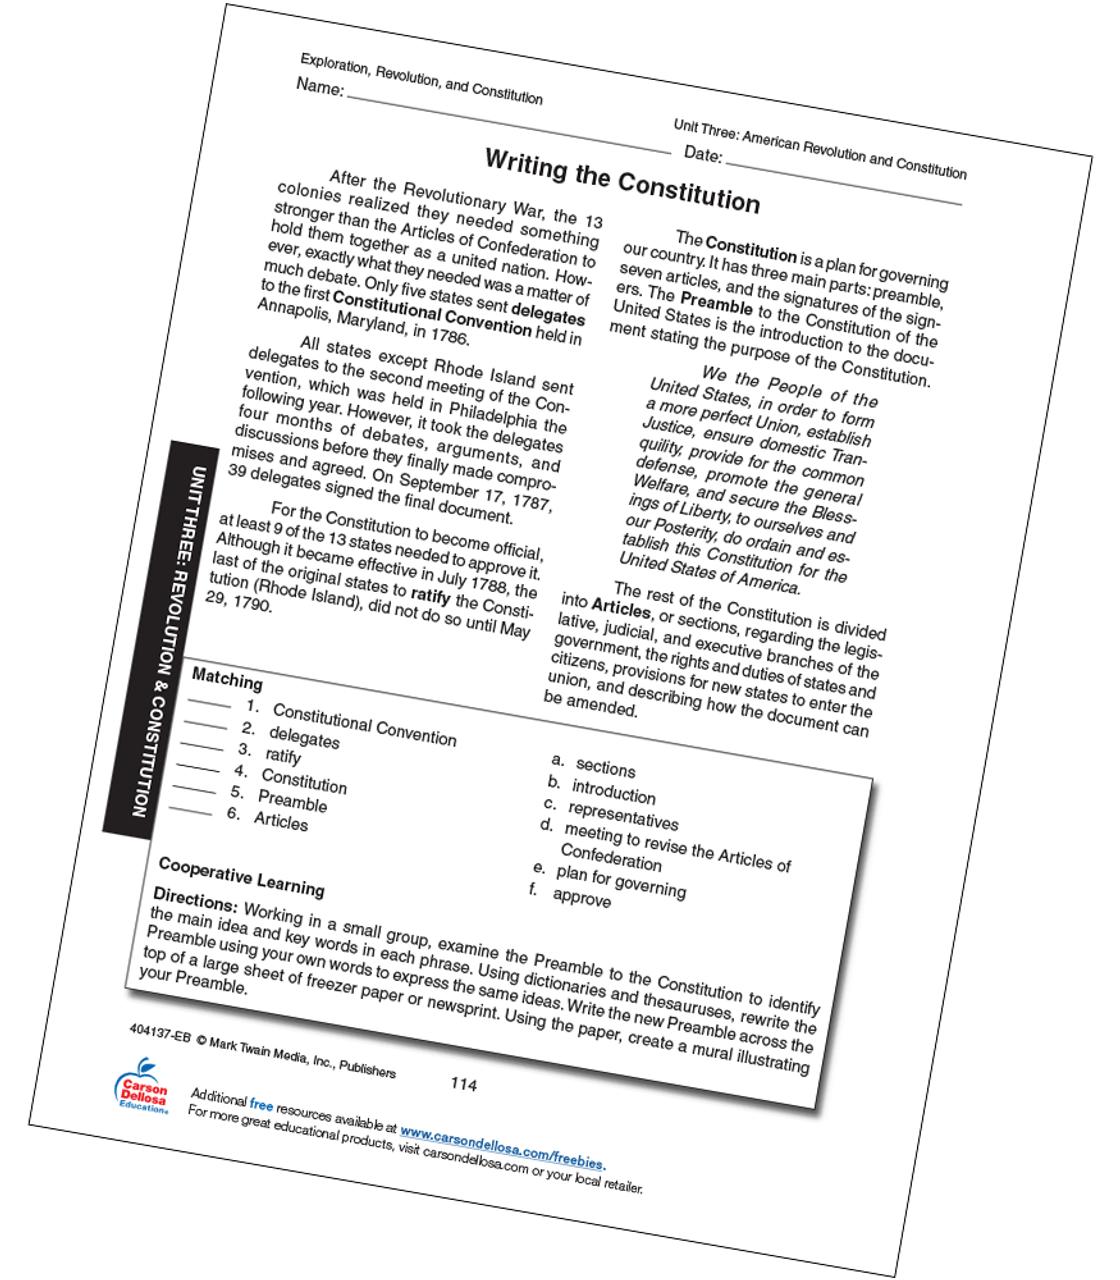 small resolution of Writing the Constitution Grades 6-12 Free Printable   Carson Dellosa